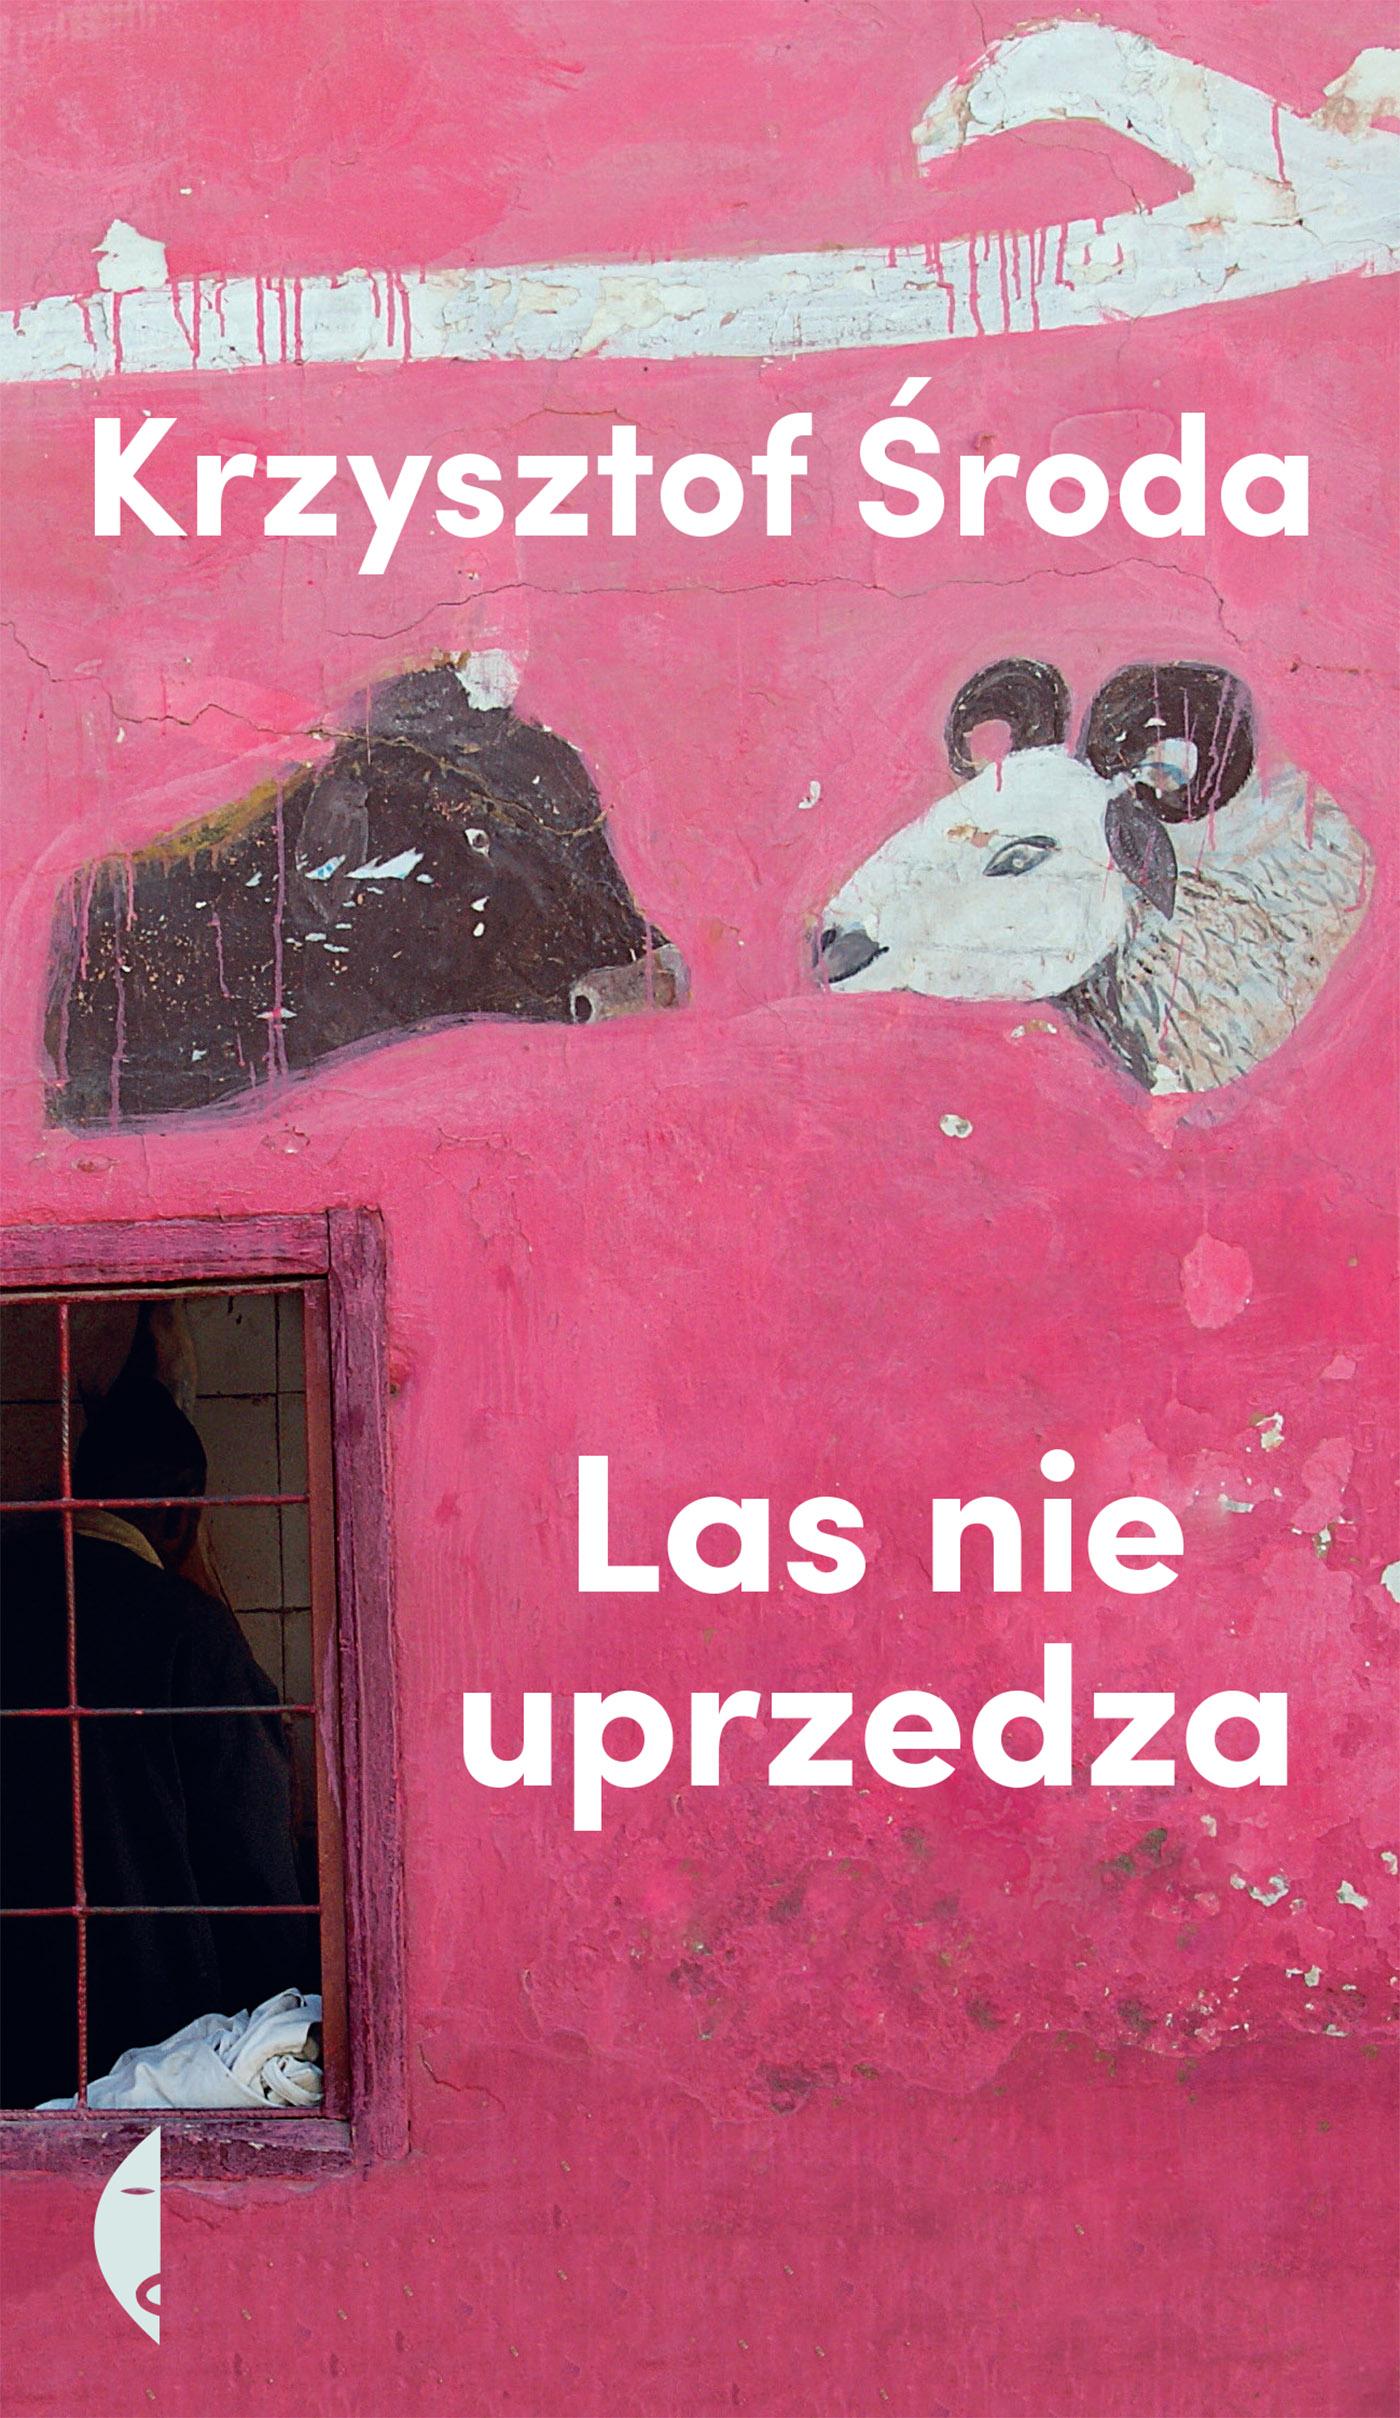 https://czarne.com.pl/uploads/catalog/product/cover/1007/las_nie_uprzedza.jpg